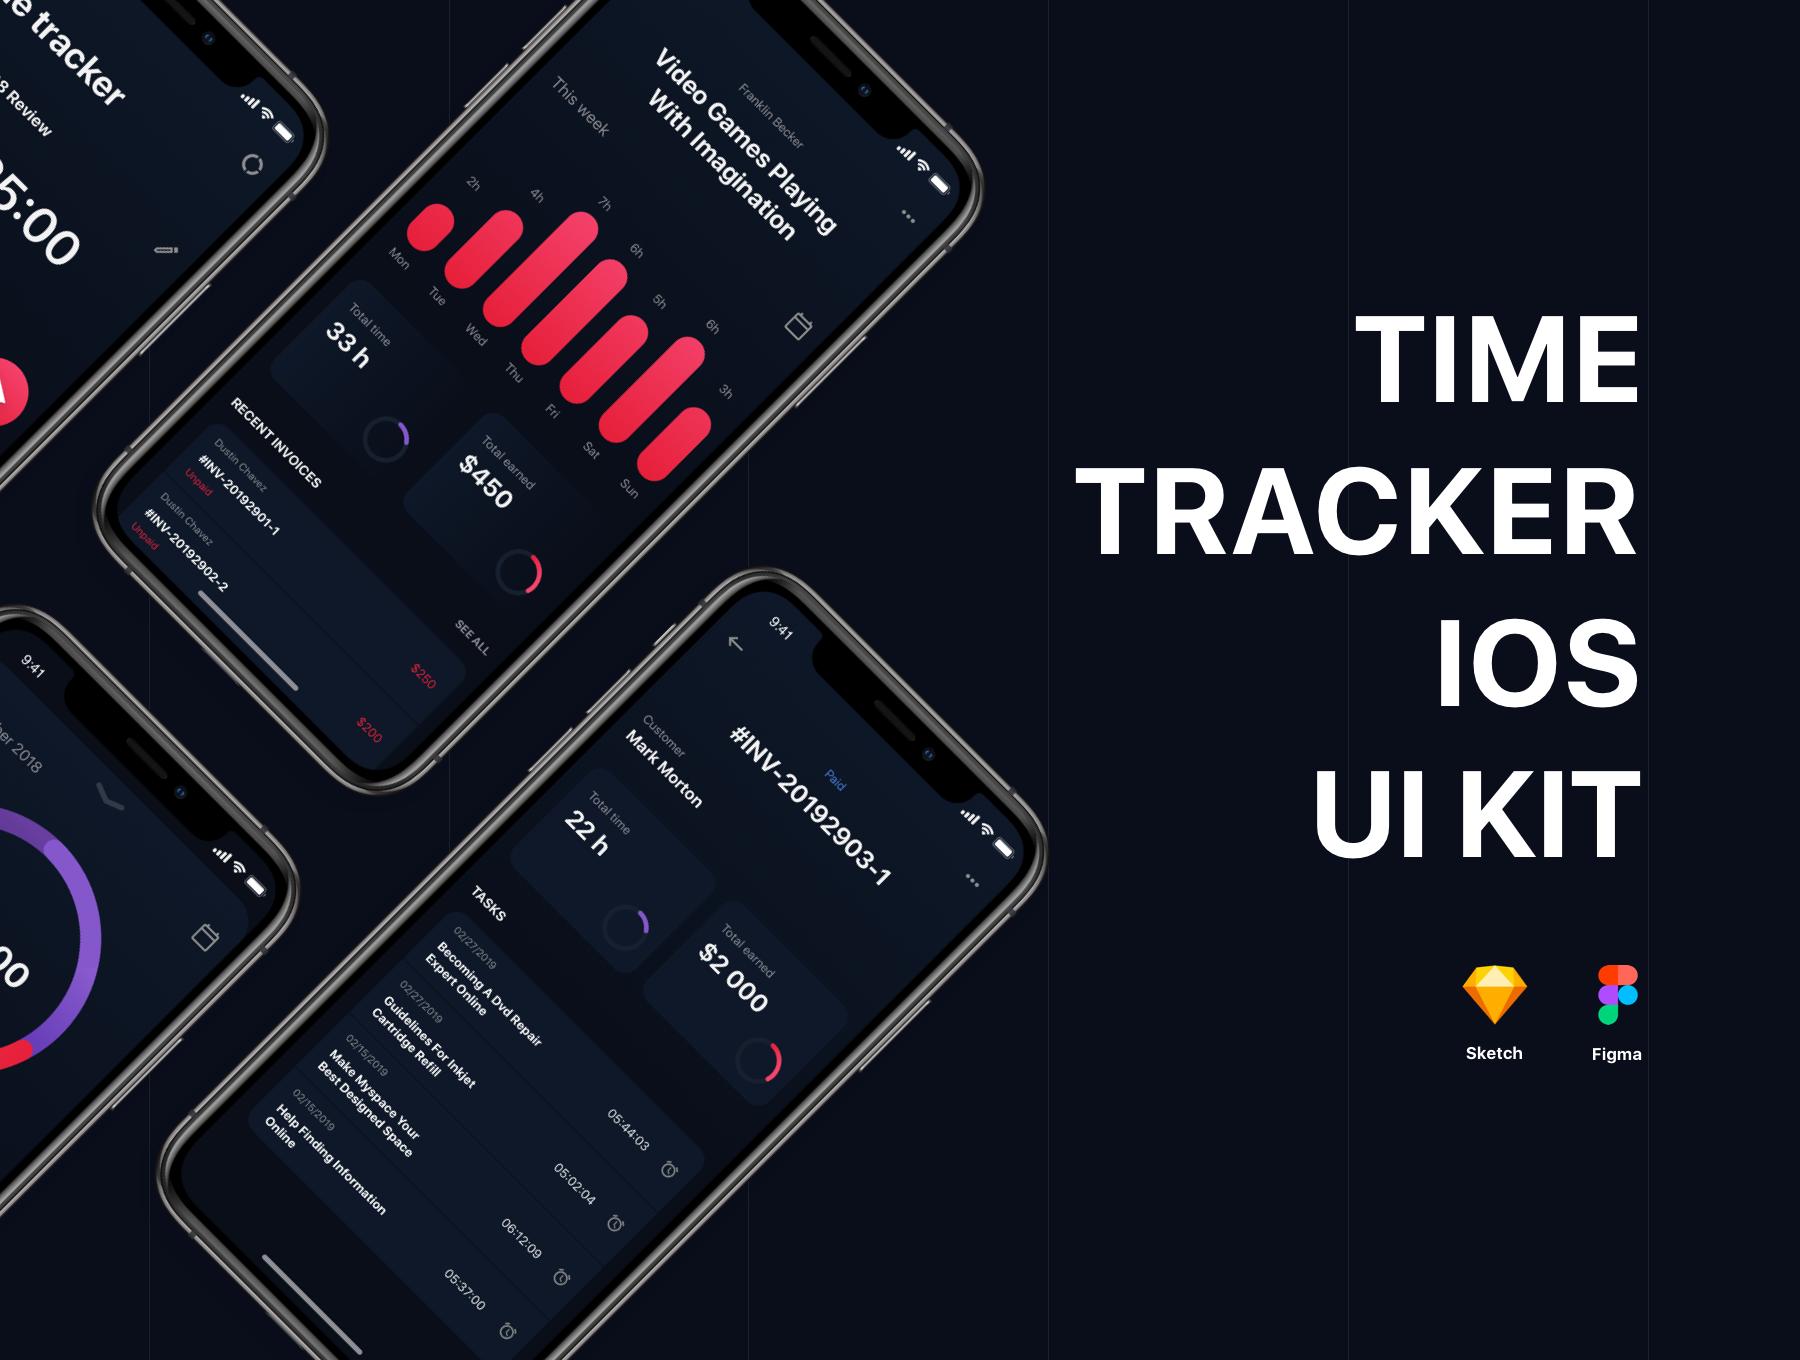 دانلود UI کیت آماده Timetracker